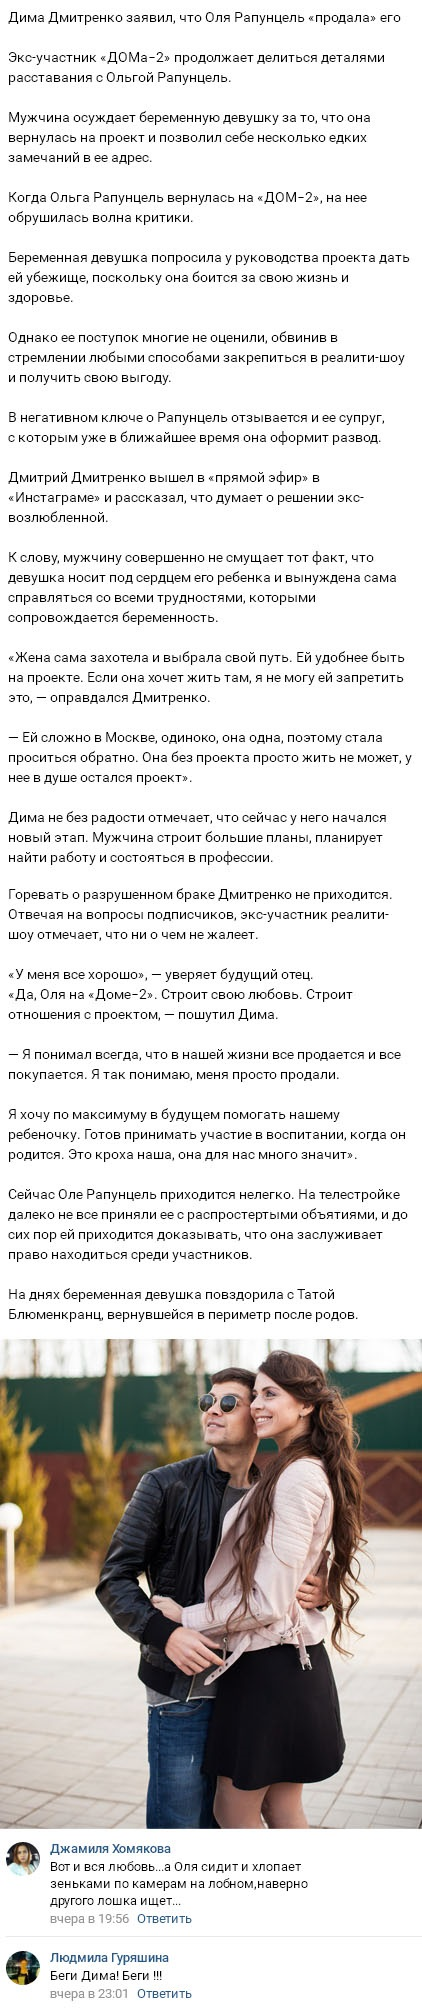 Дмитрию Дмитренко поведал о продажности Ольги Рапунцель